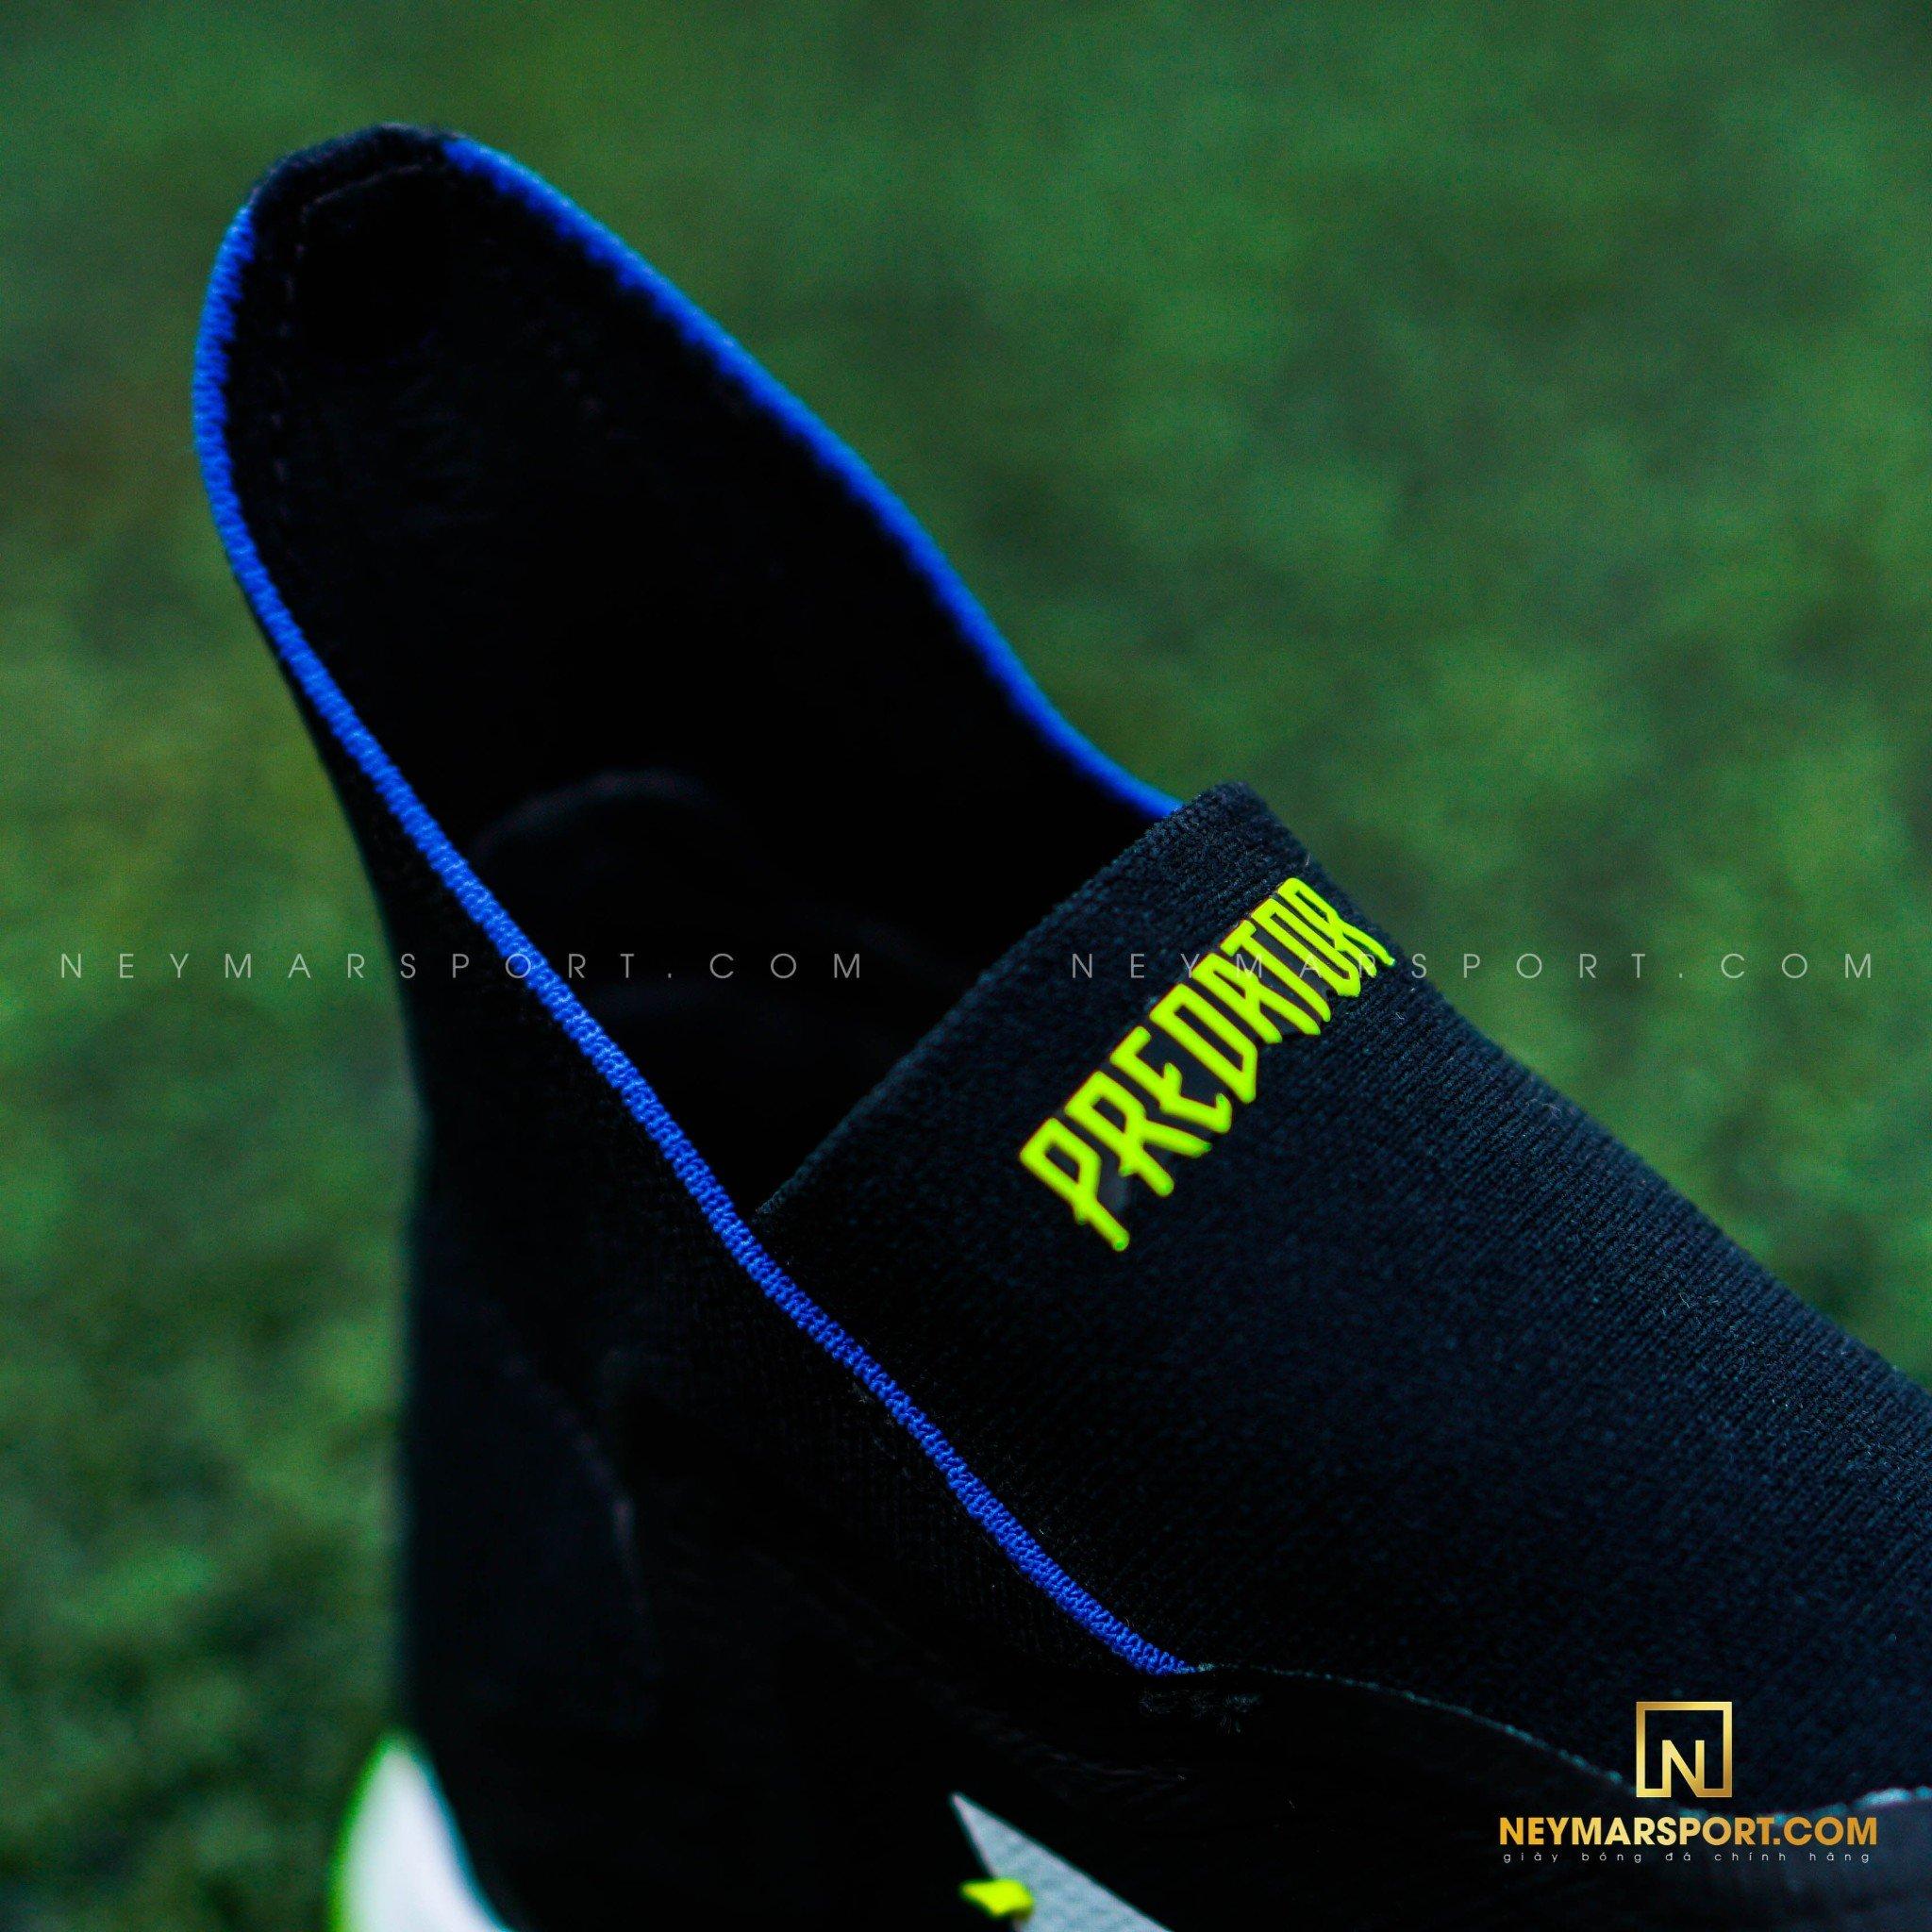 Cổ thun 2 phần liền mạch được nâng cấp tạo cảm giác ôm khít giữa cổ chân và giày khi mang